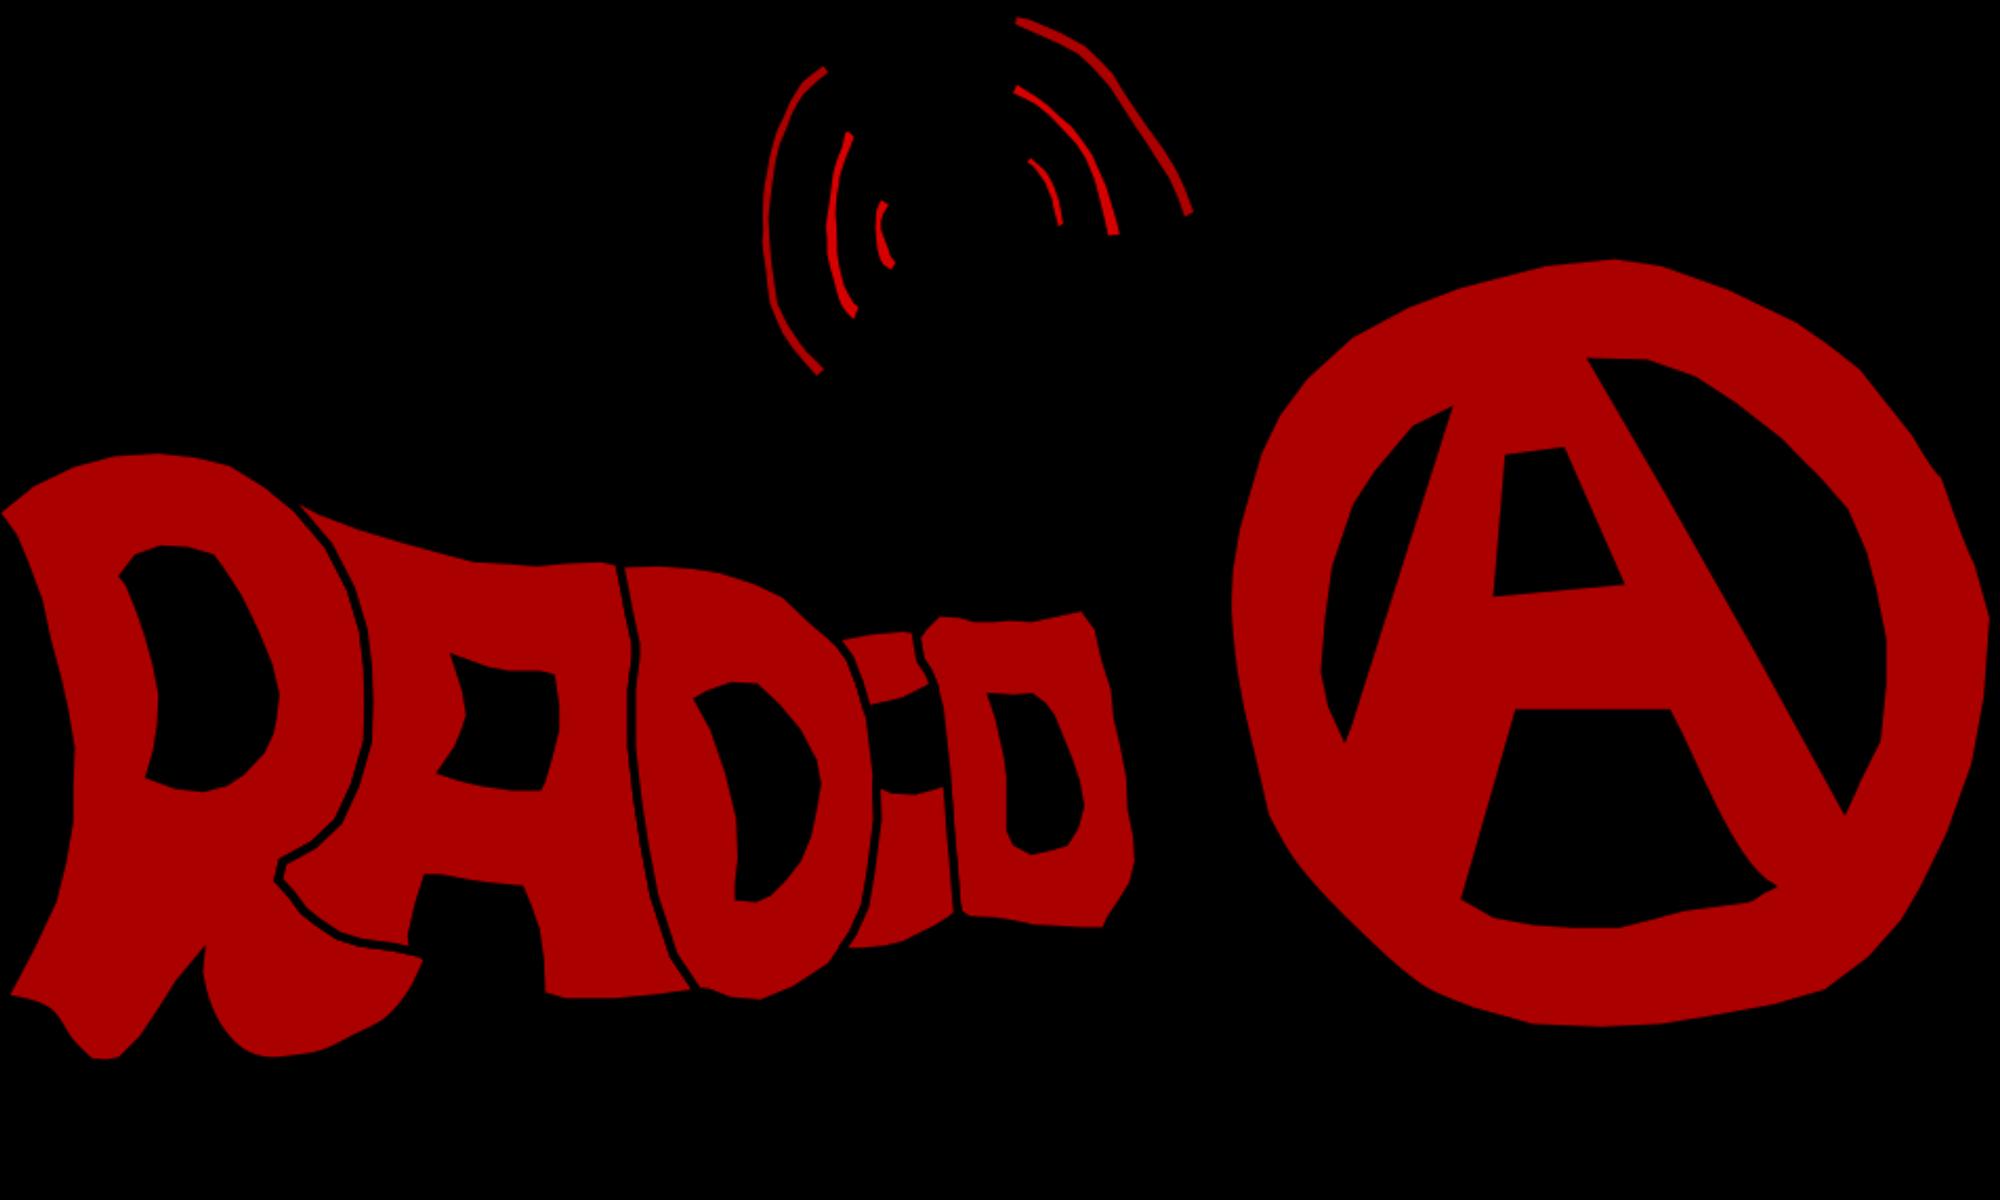 Radio-A das anarchistische Radio aus Karlsruhe